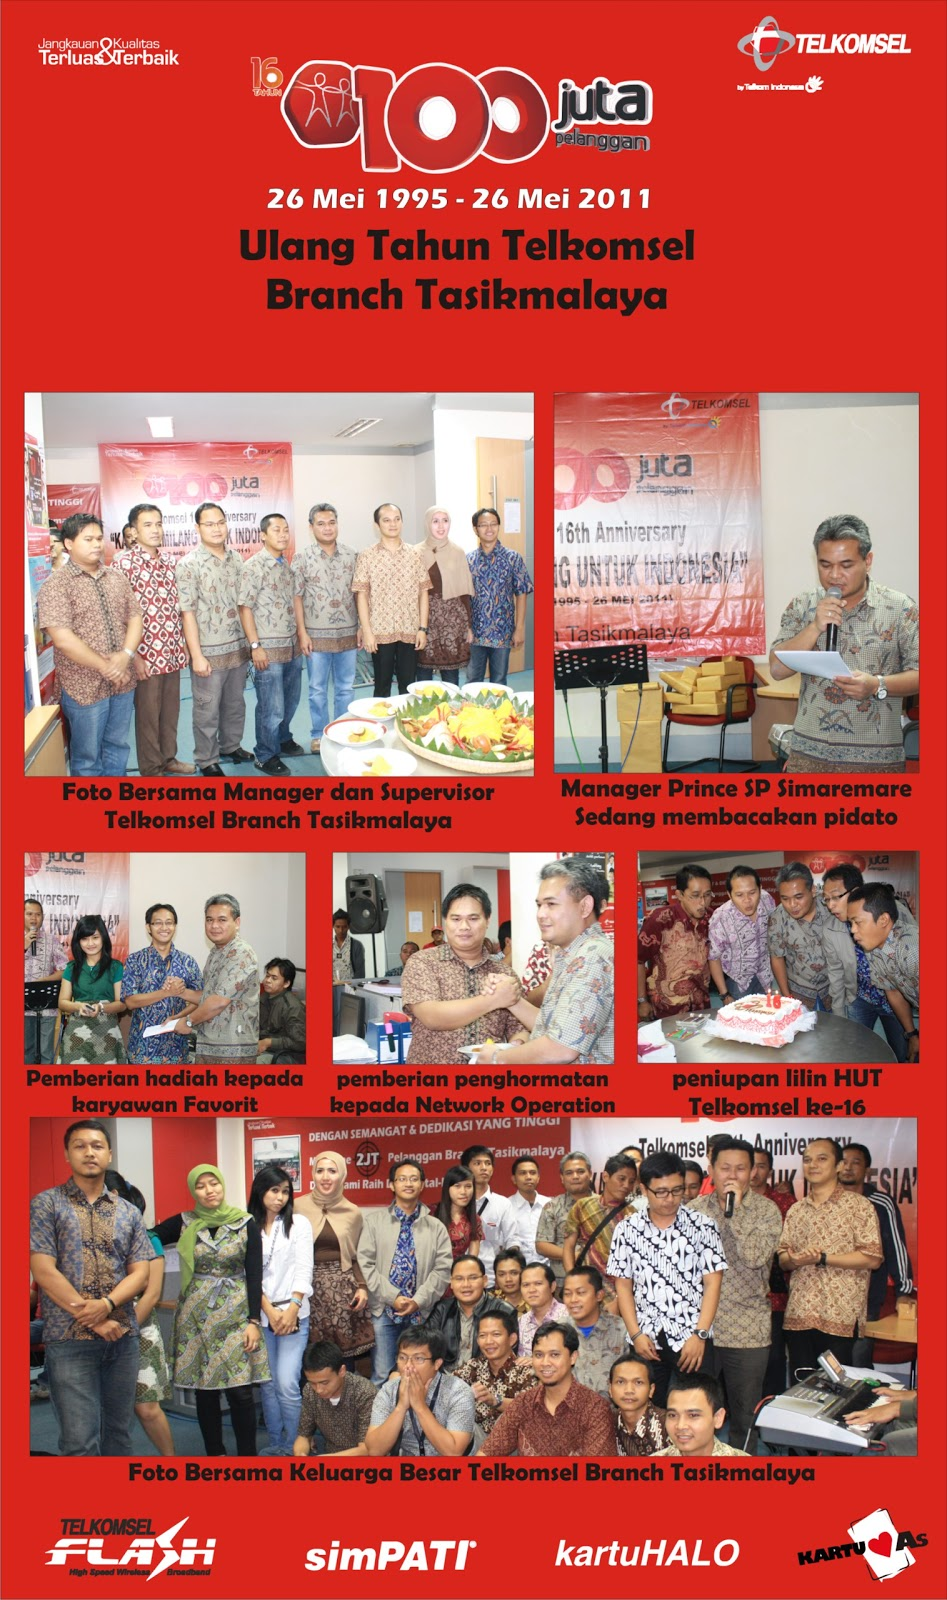 Ulang Tahun Telkomsel di Branch Tasikmalaya